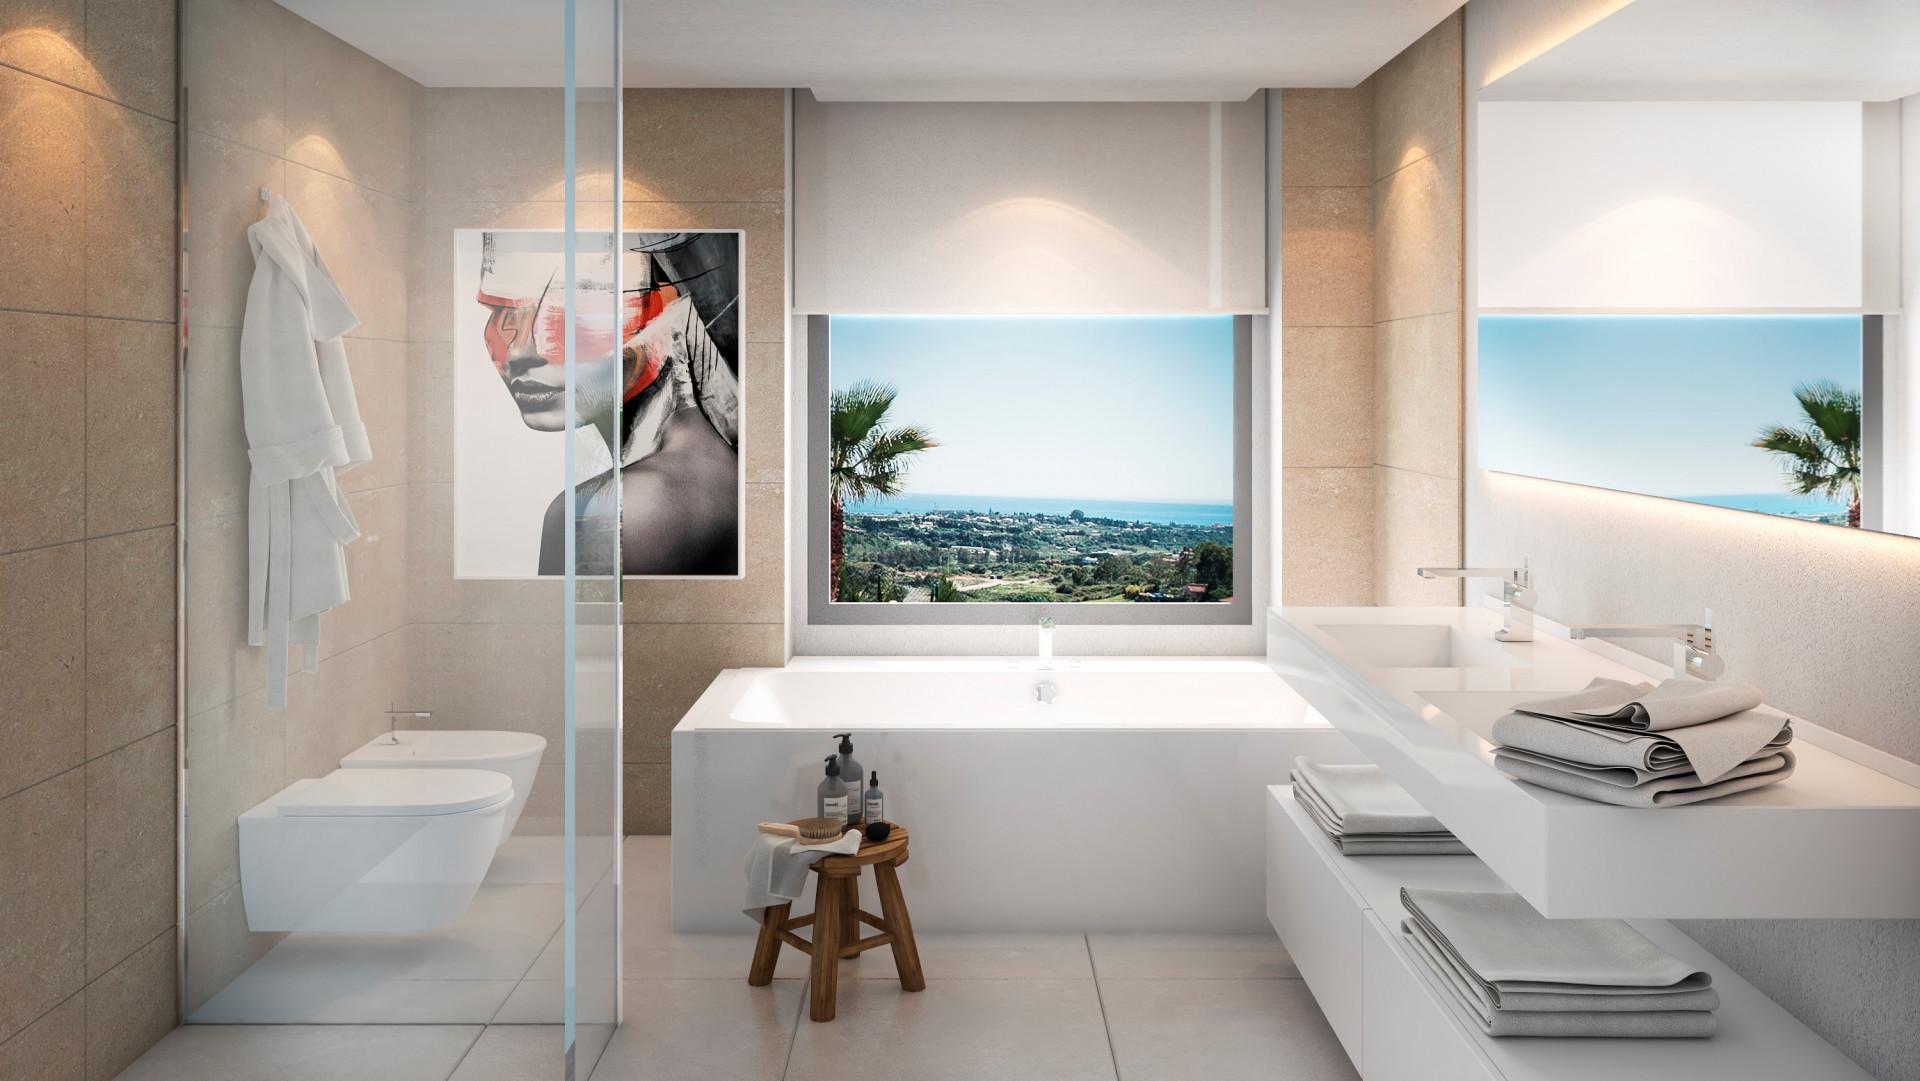 Villas modernas con vistas al mar